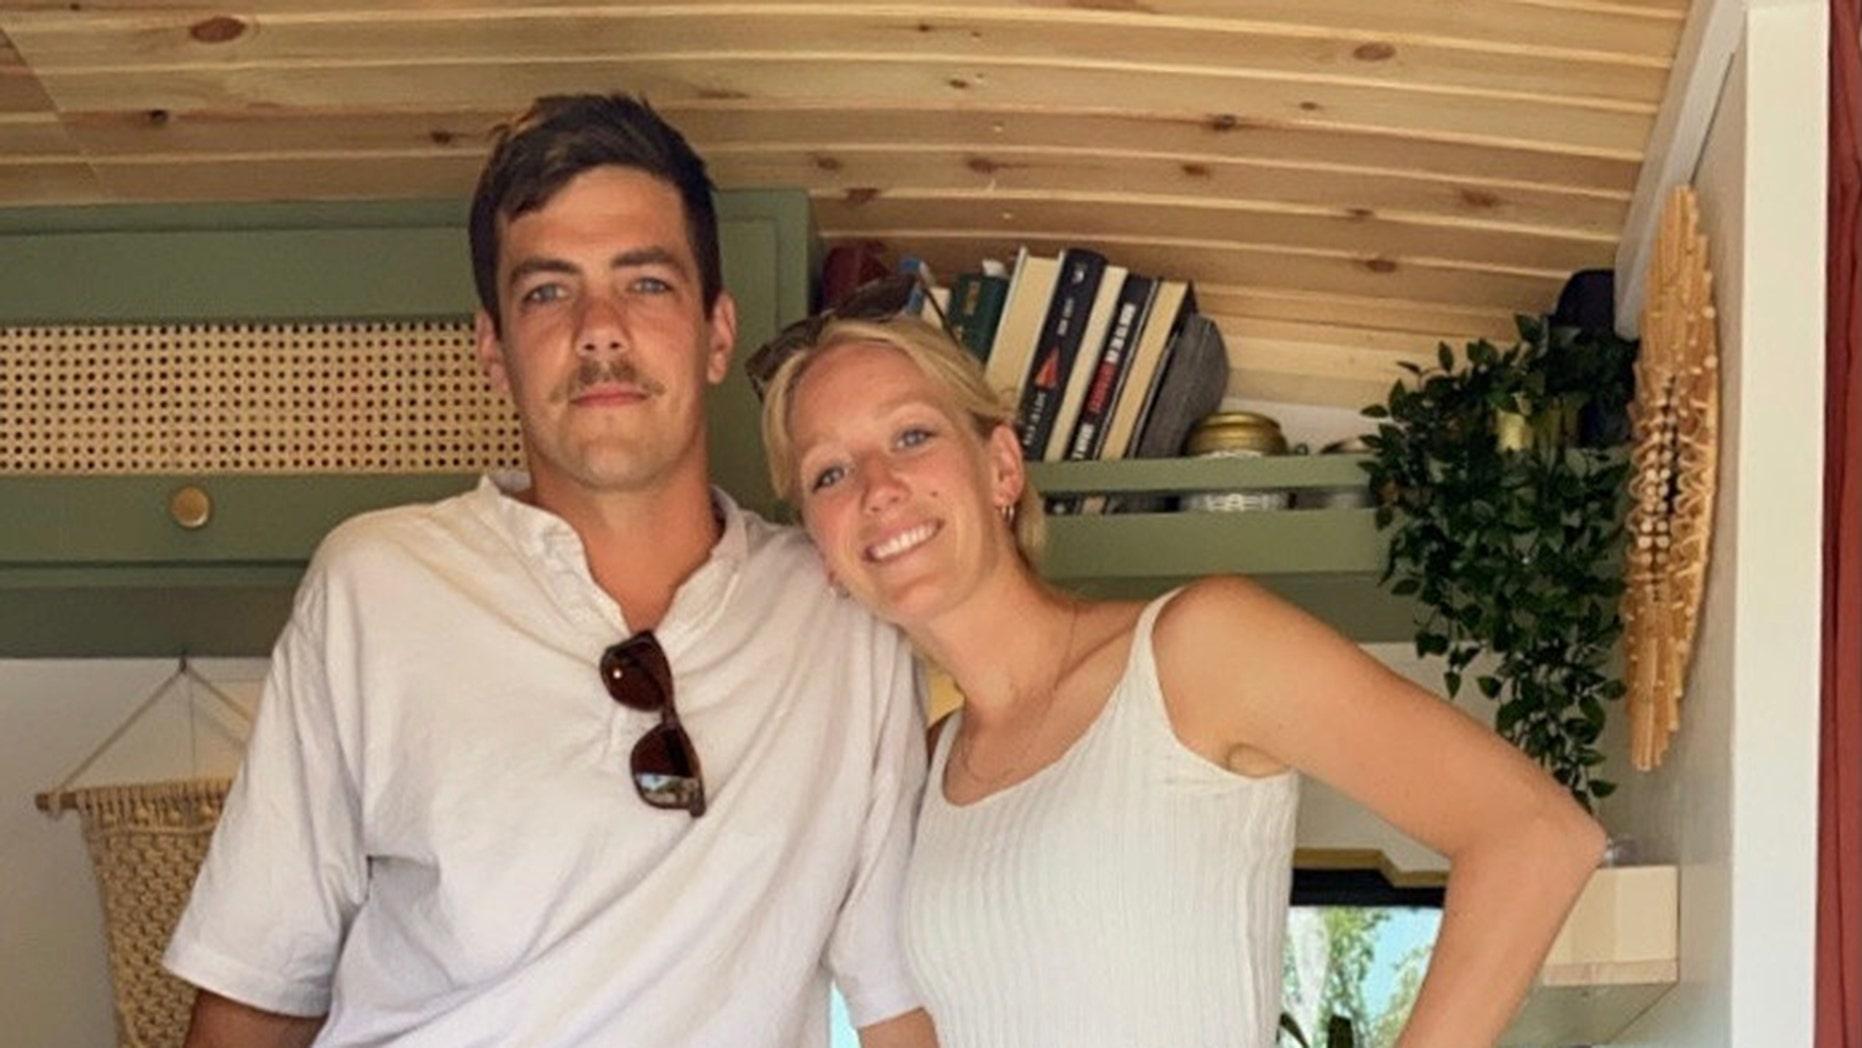 Ben dan Malory Landheer terpaksa membatalkan rencana resepsi pernikahan mereka.